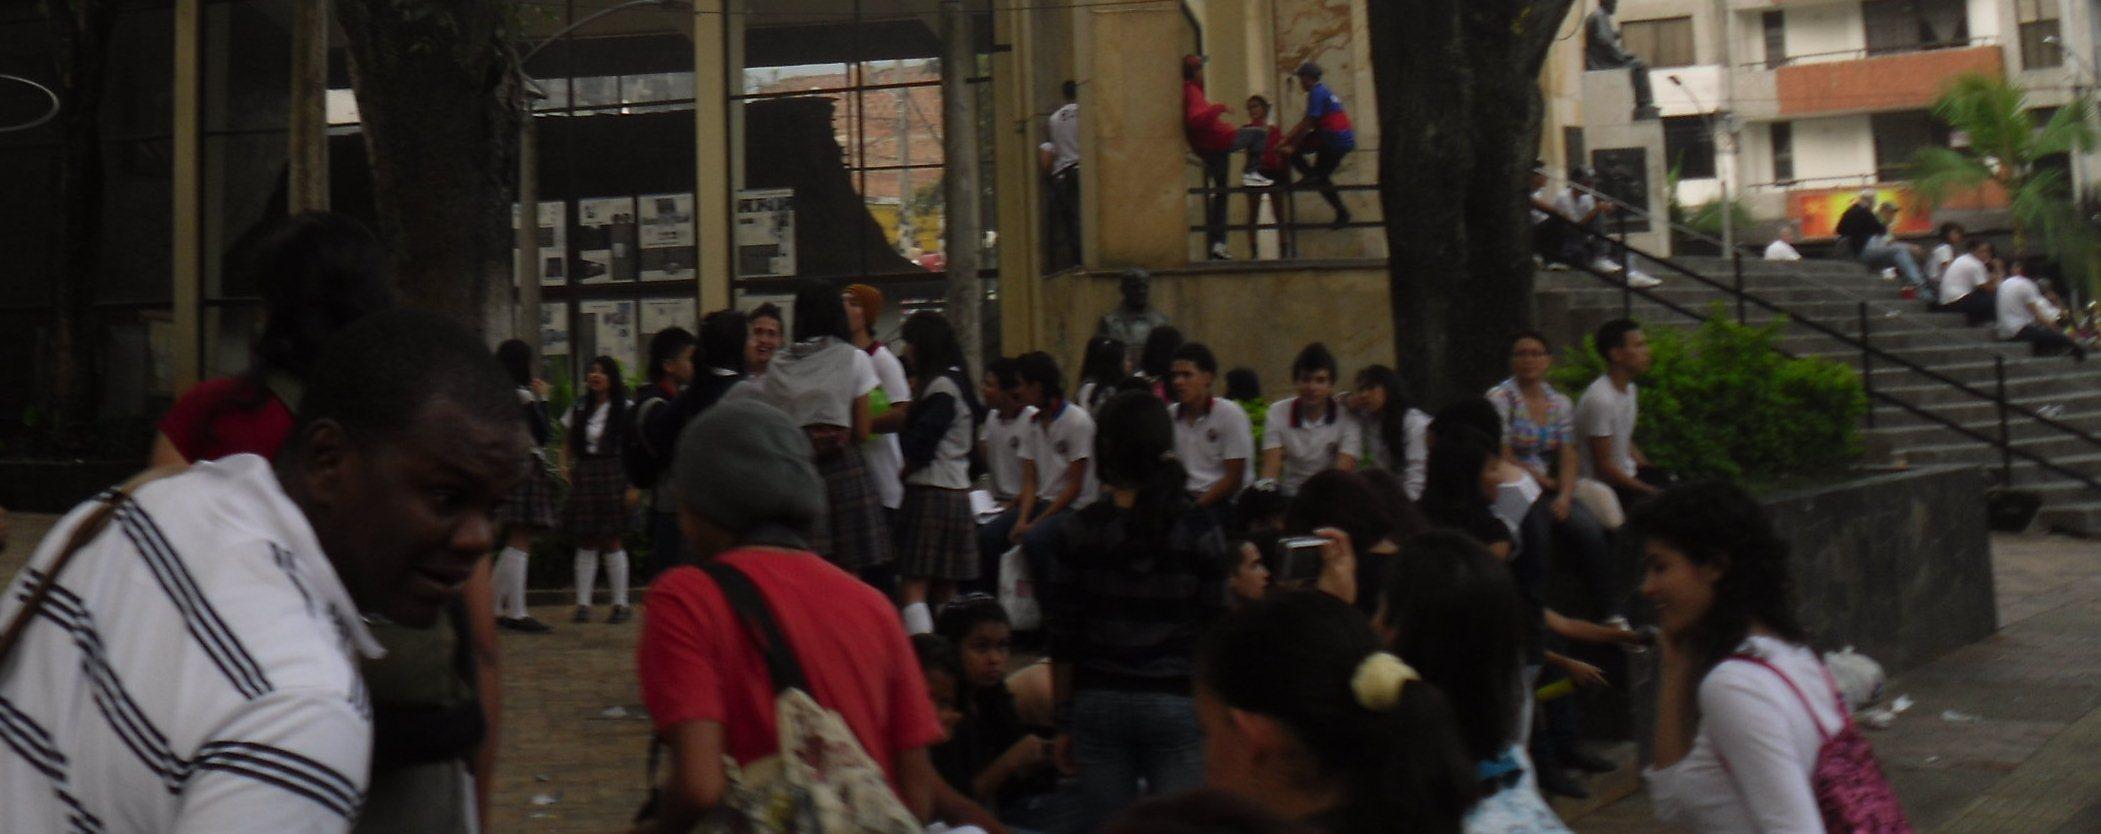 Fotografías Plazoleta en la Escuela de Artes y Oficios de Antioquia